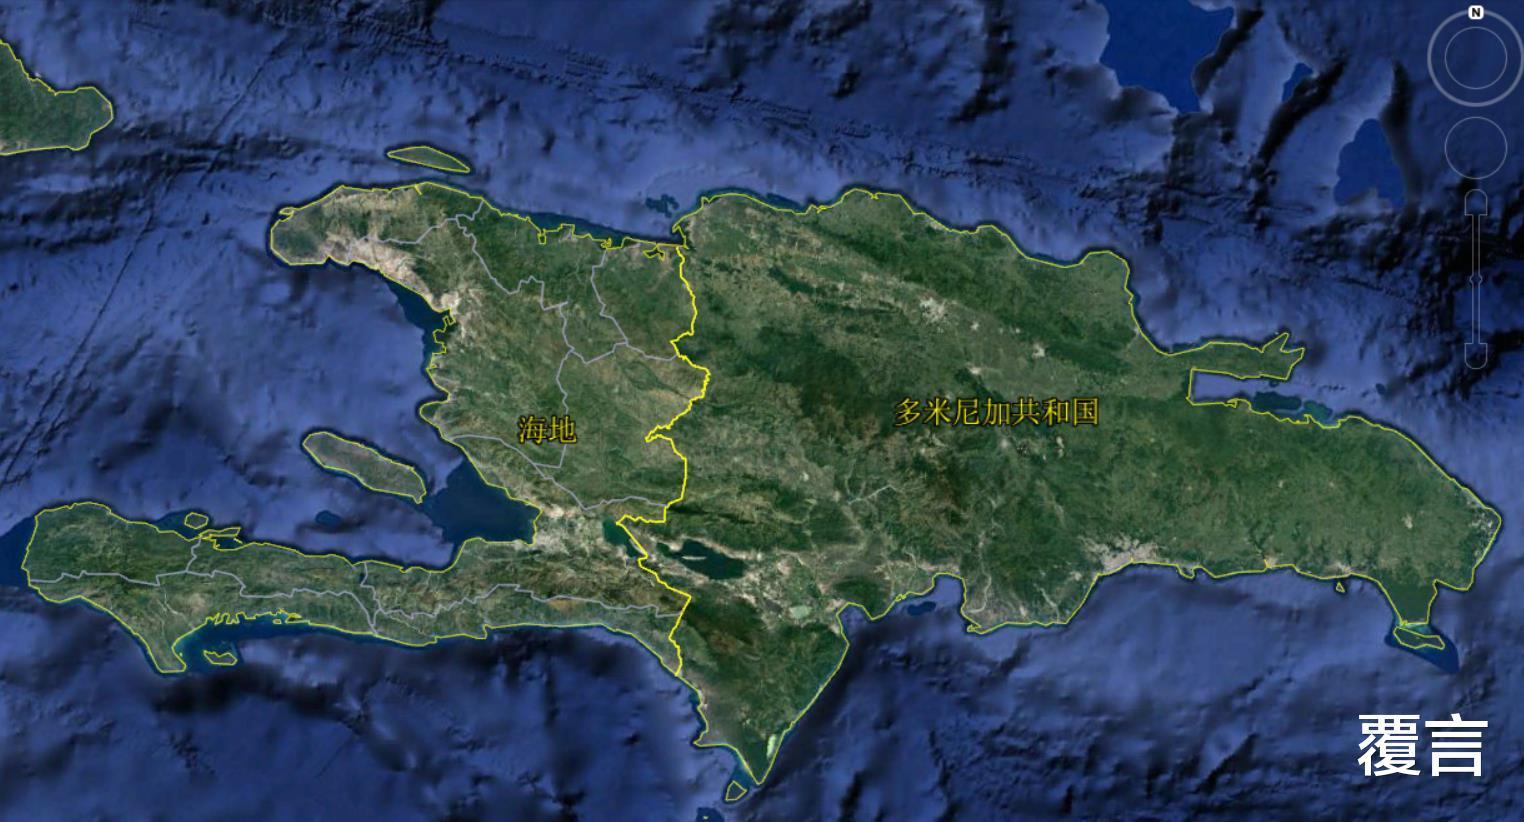 兩個小國擠在一個島上,東邊國傢宛如天堂,西邊國傢卻深陷地獄-圖7